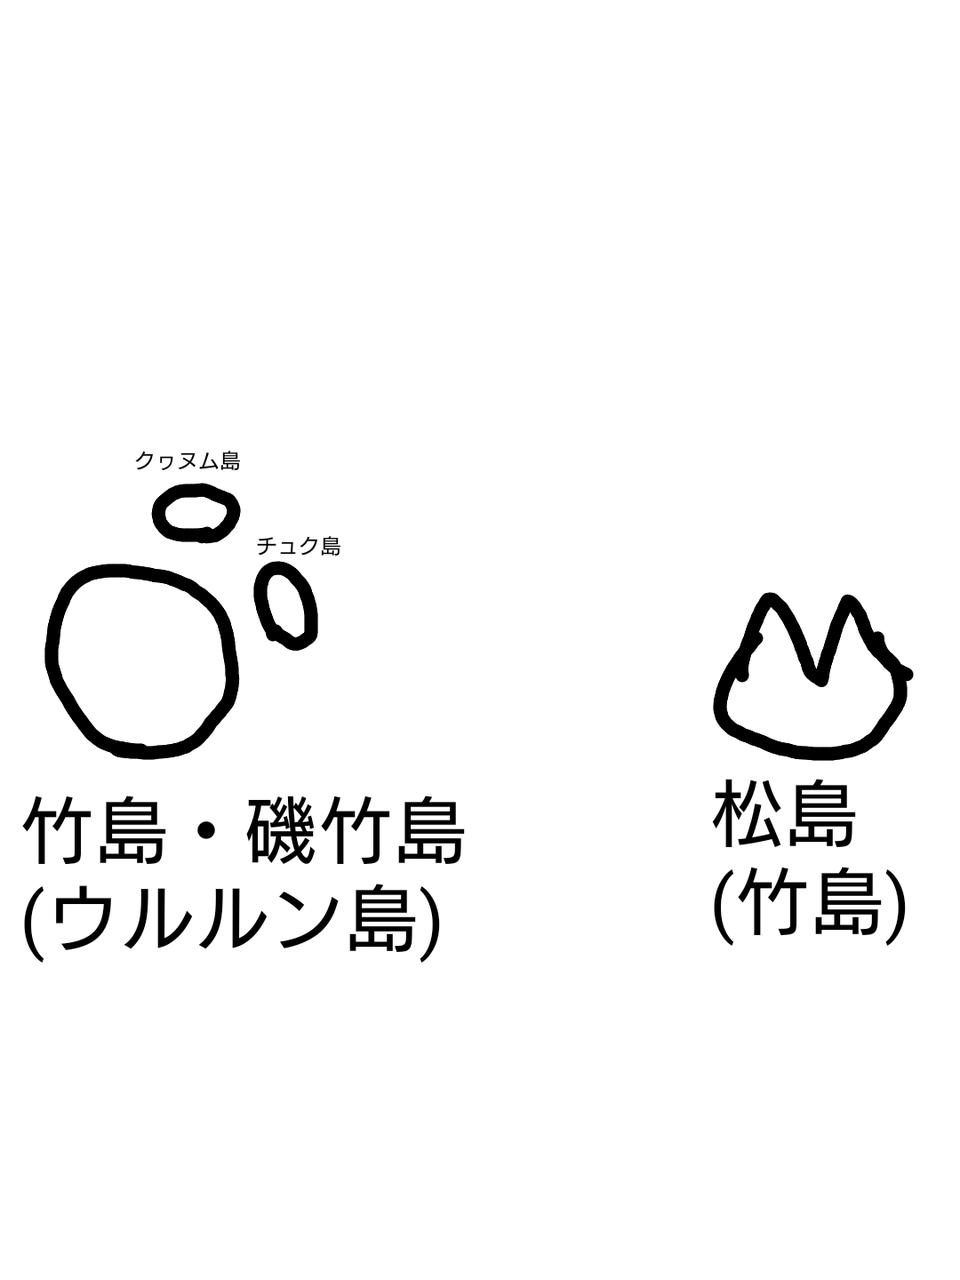 竹島一件 : 計棚新聞